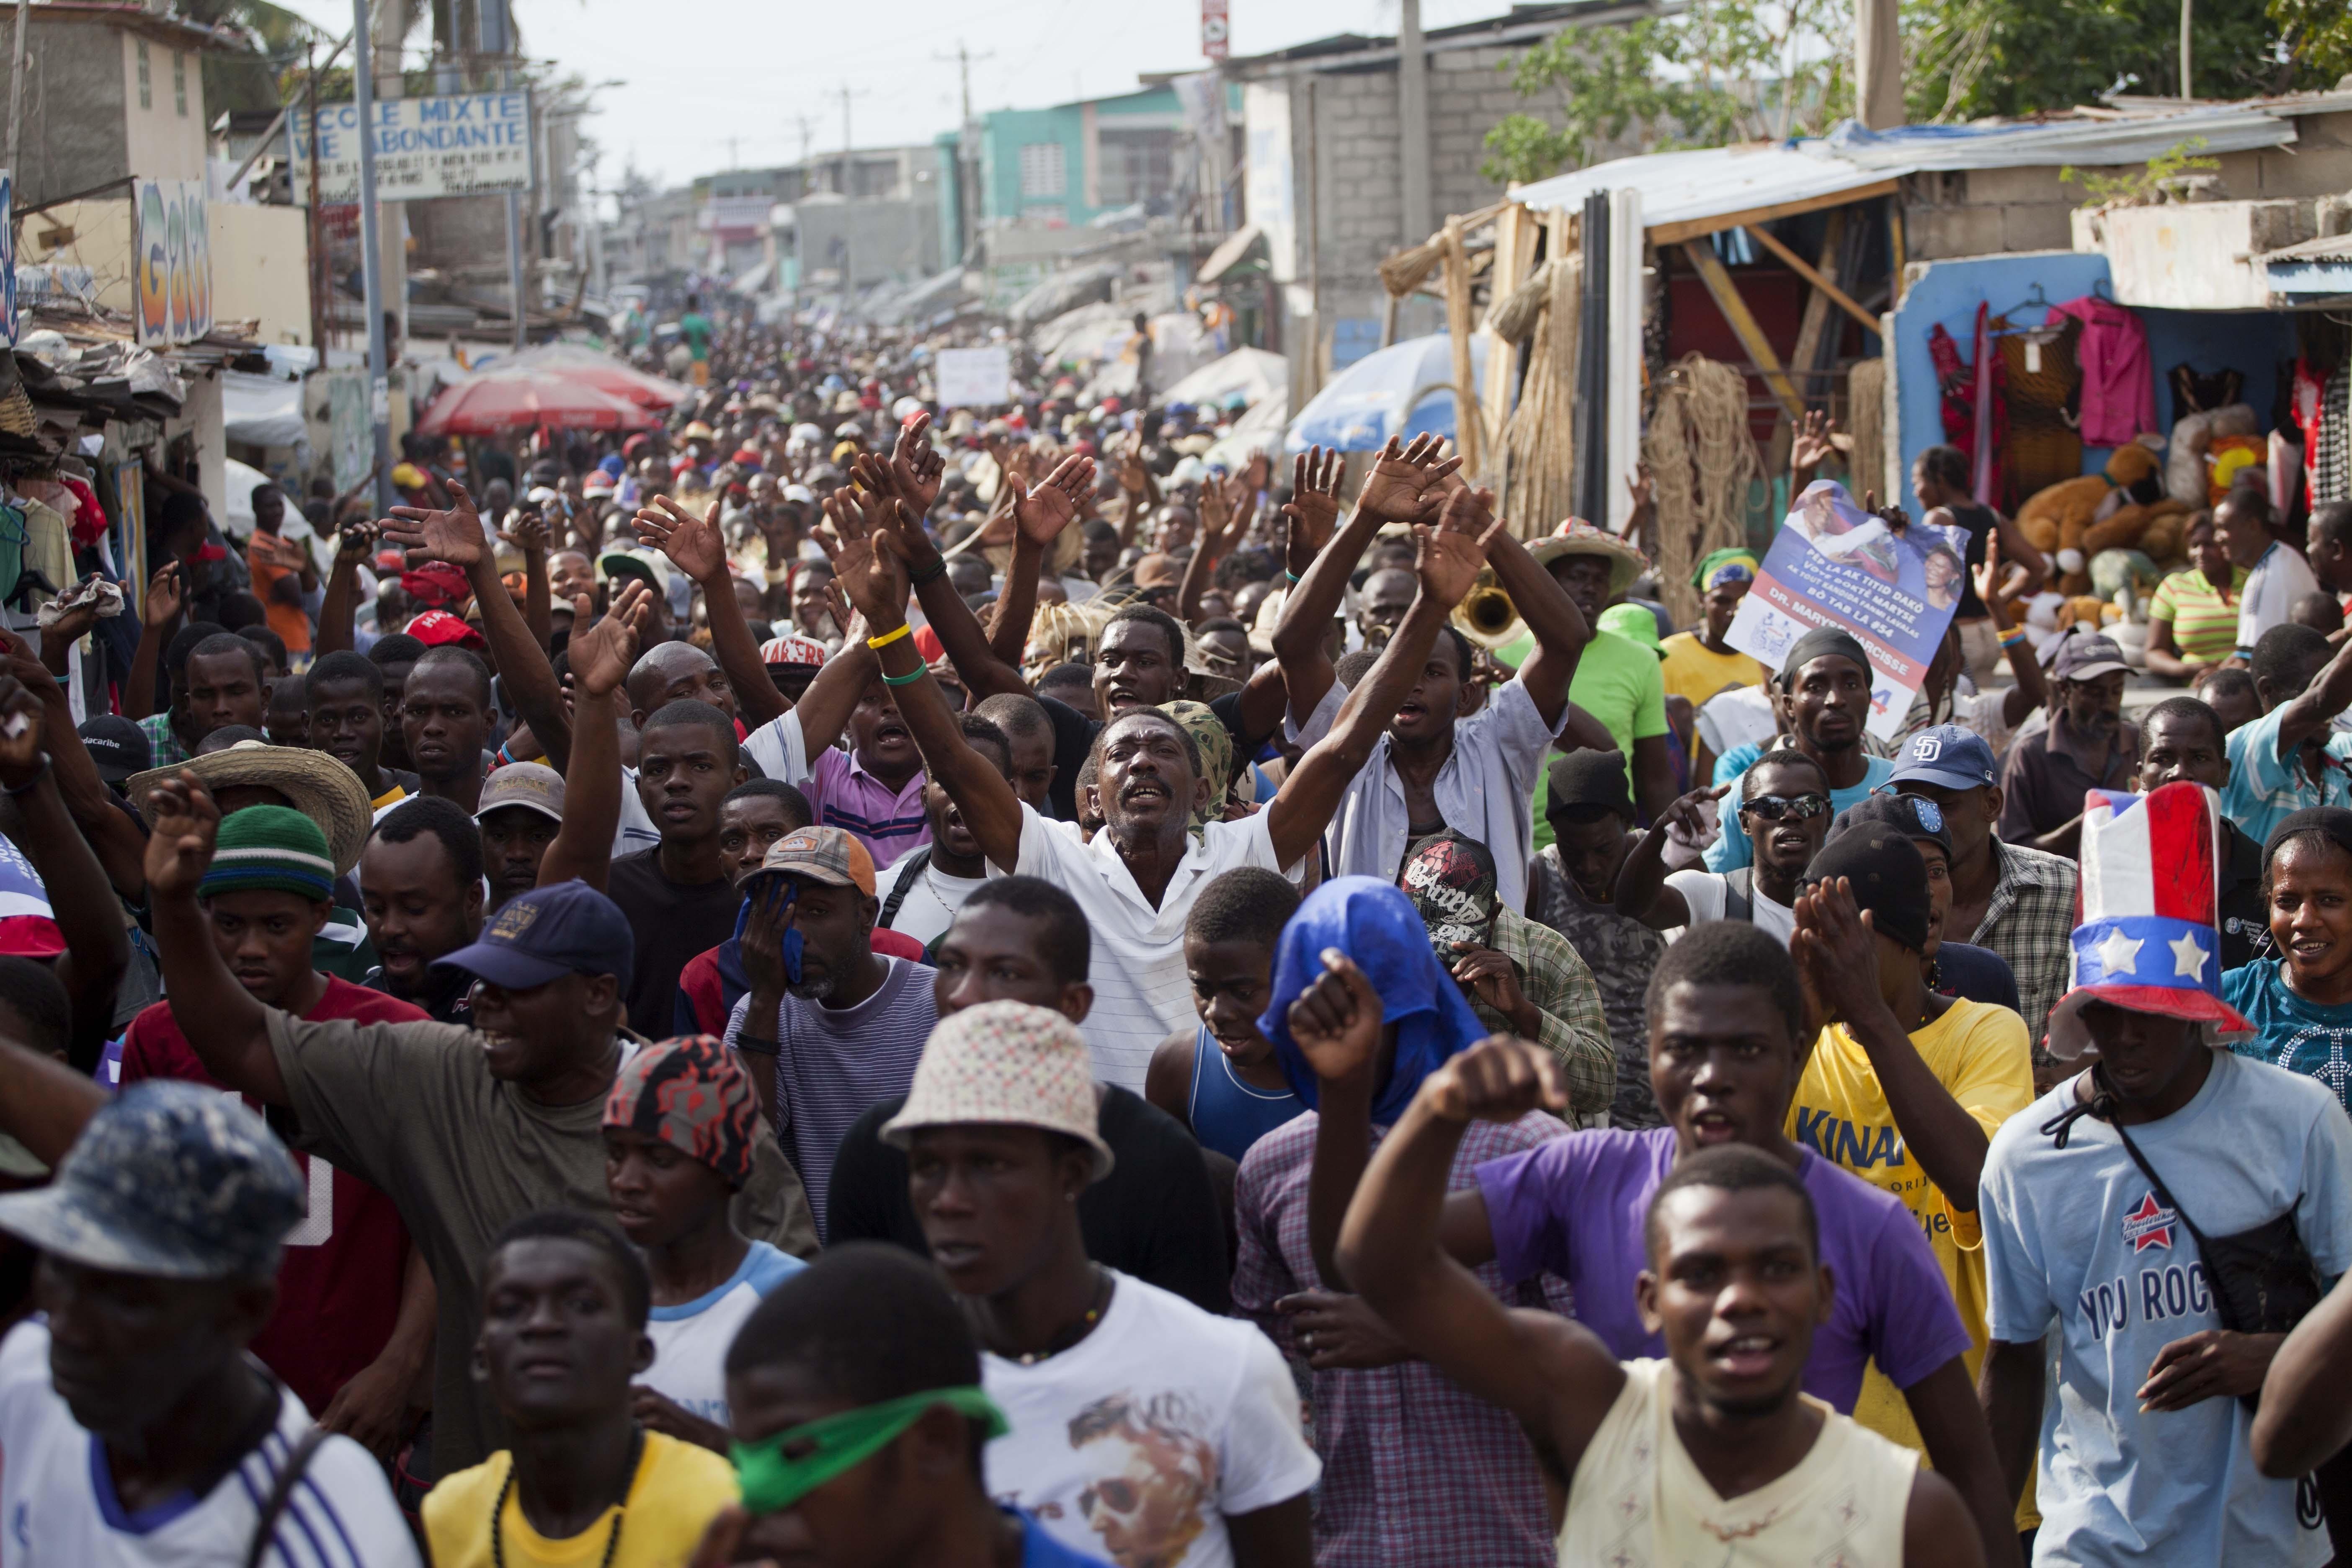 Protesto contra o governo do Haiti neste sábado (6) em Porto Príncipe (Foto: Dieu Nalio Chery/AP)